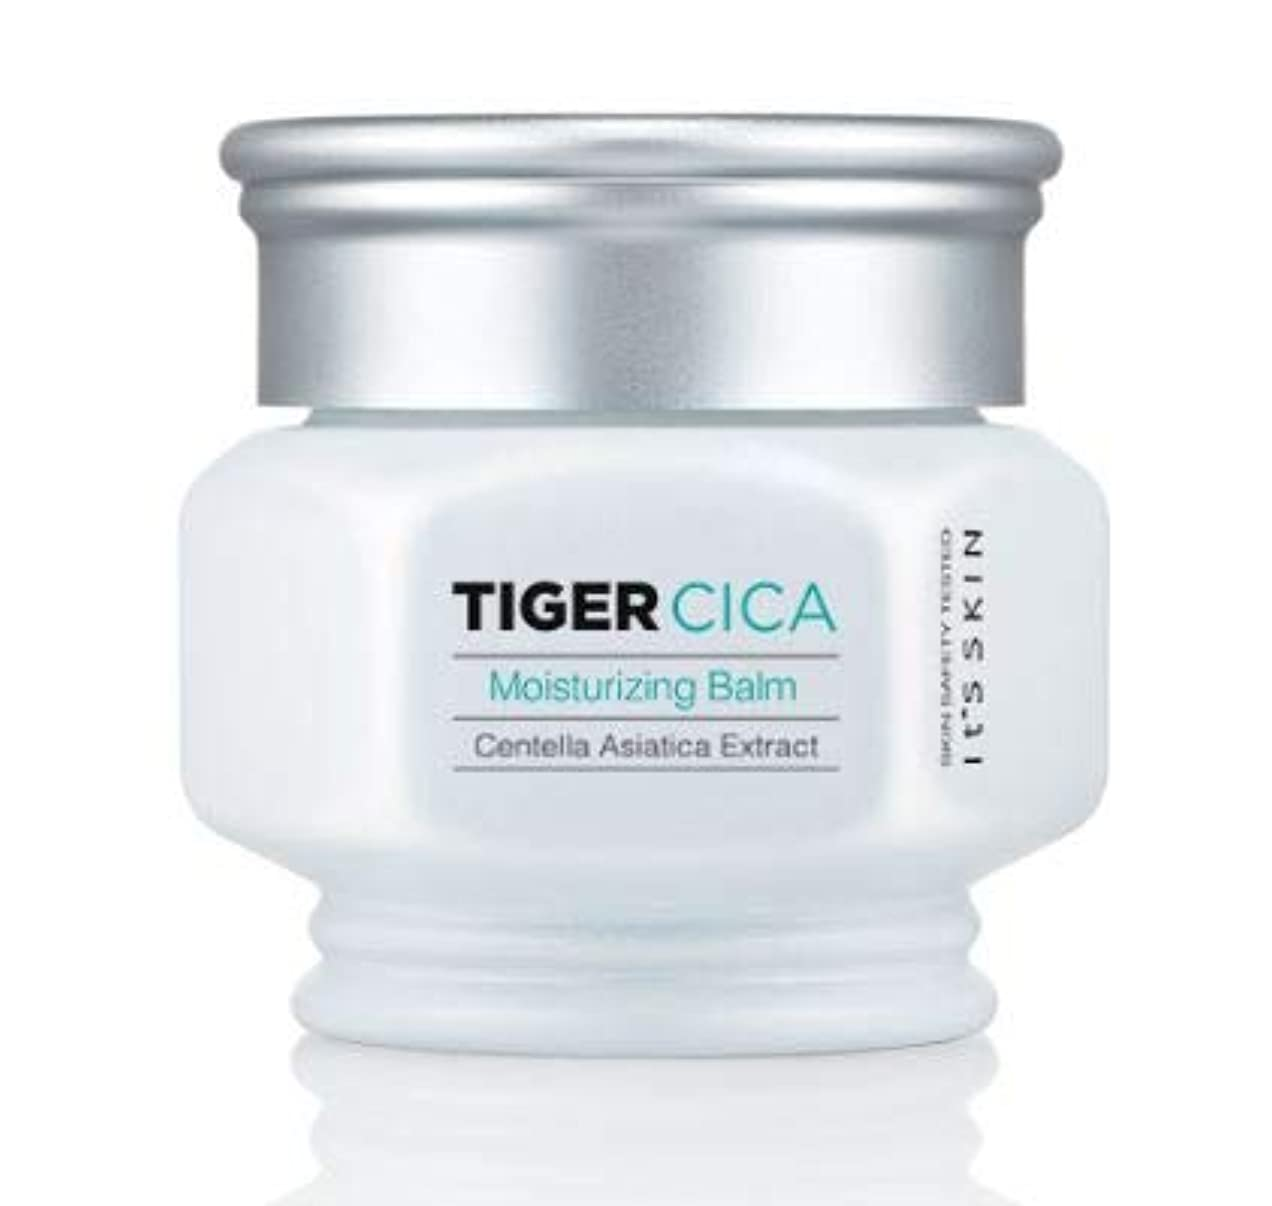 頬骨に付けるそれに応じて[It's Skin] Tiger Cica Moisturizing Balm 50ml /[イッツスキン] タイガーシカ モイスチャライジング バーム 50ml [並行輸入品]